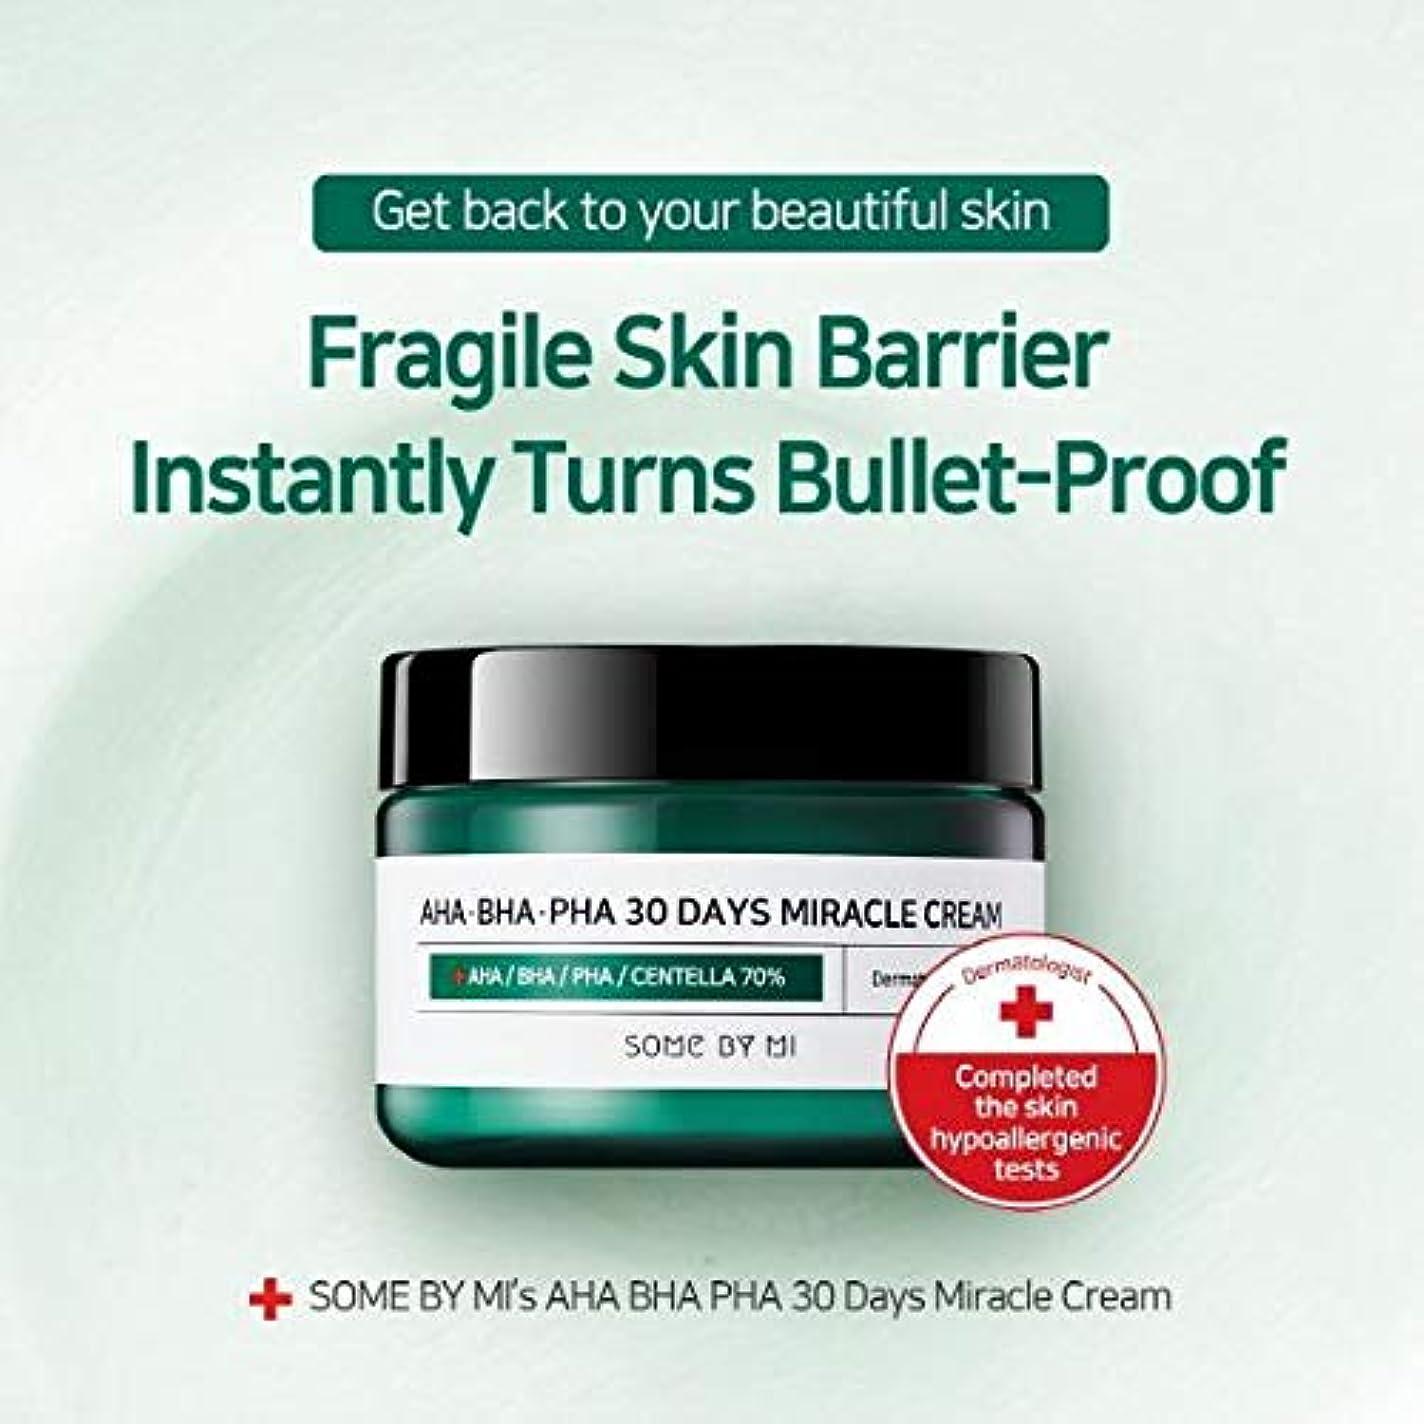 言い聞かせる逆にワイヤーSomebymi AHA BHA PHA Miracle Cream 50ml (1.7oz) Skin Barrier & Recovery, Soothing with Tea Tree 10,000ppm for Wrinkle & Whitening/Korea Cosmetics [並行輸入品]